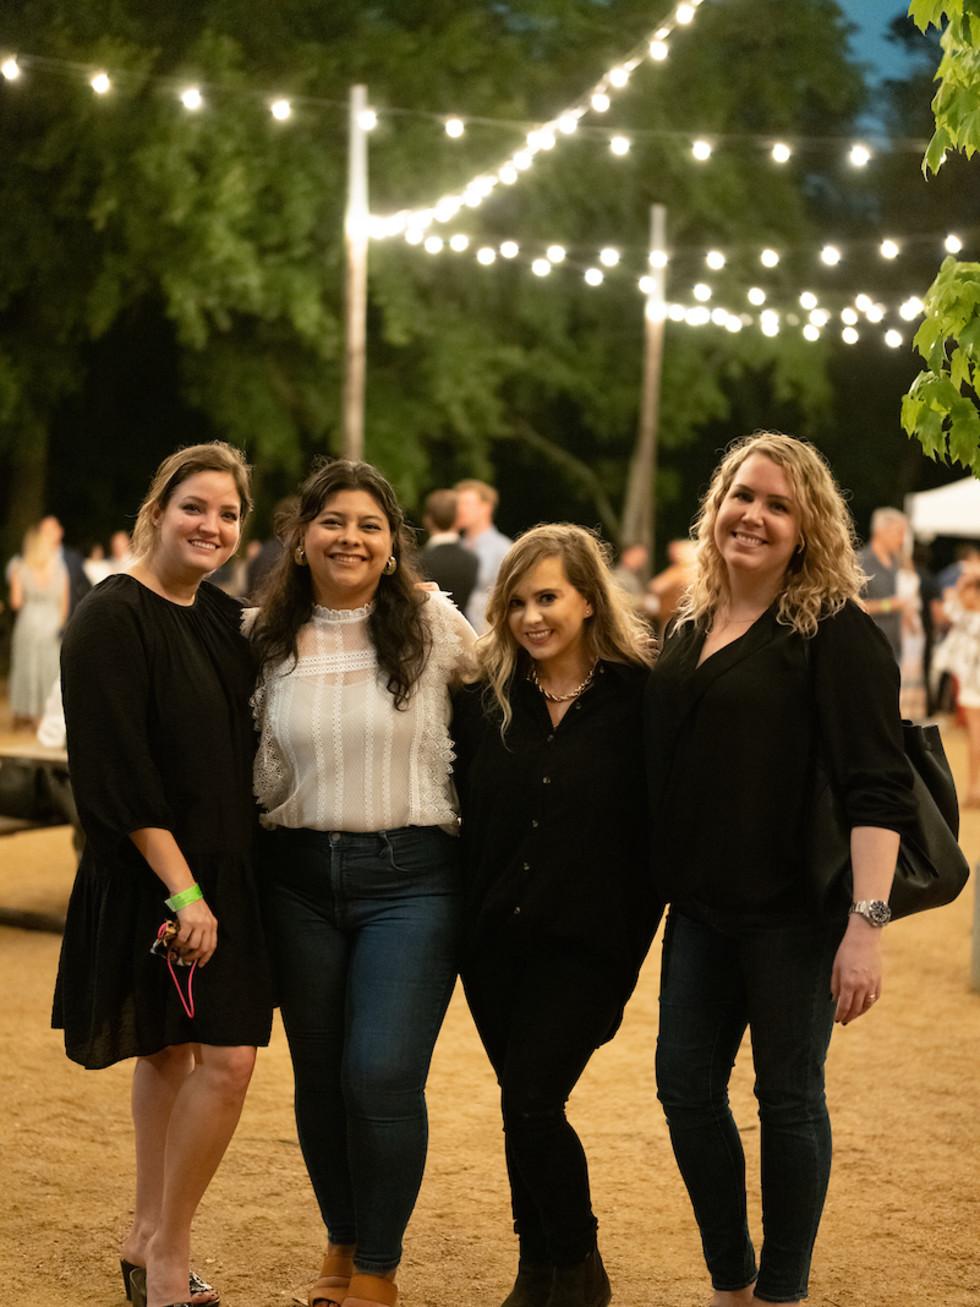 Memorial Park Conservancy Urban Wild Glow in the Glades 2021 Erica Matthews, Yvette Salazar, Megan Blaisdell Willis, Grace Salvie